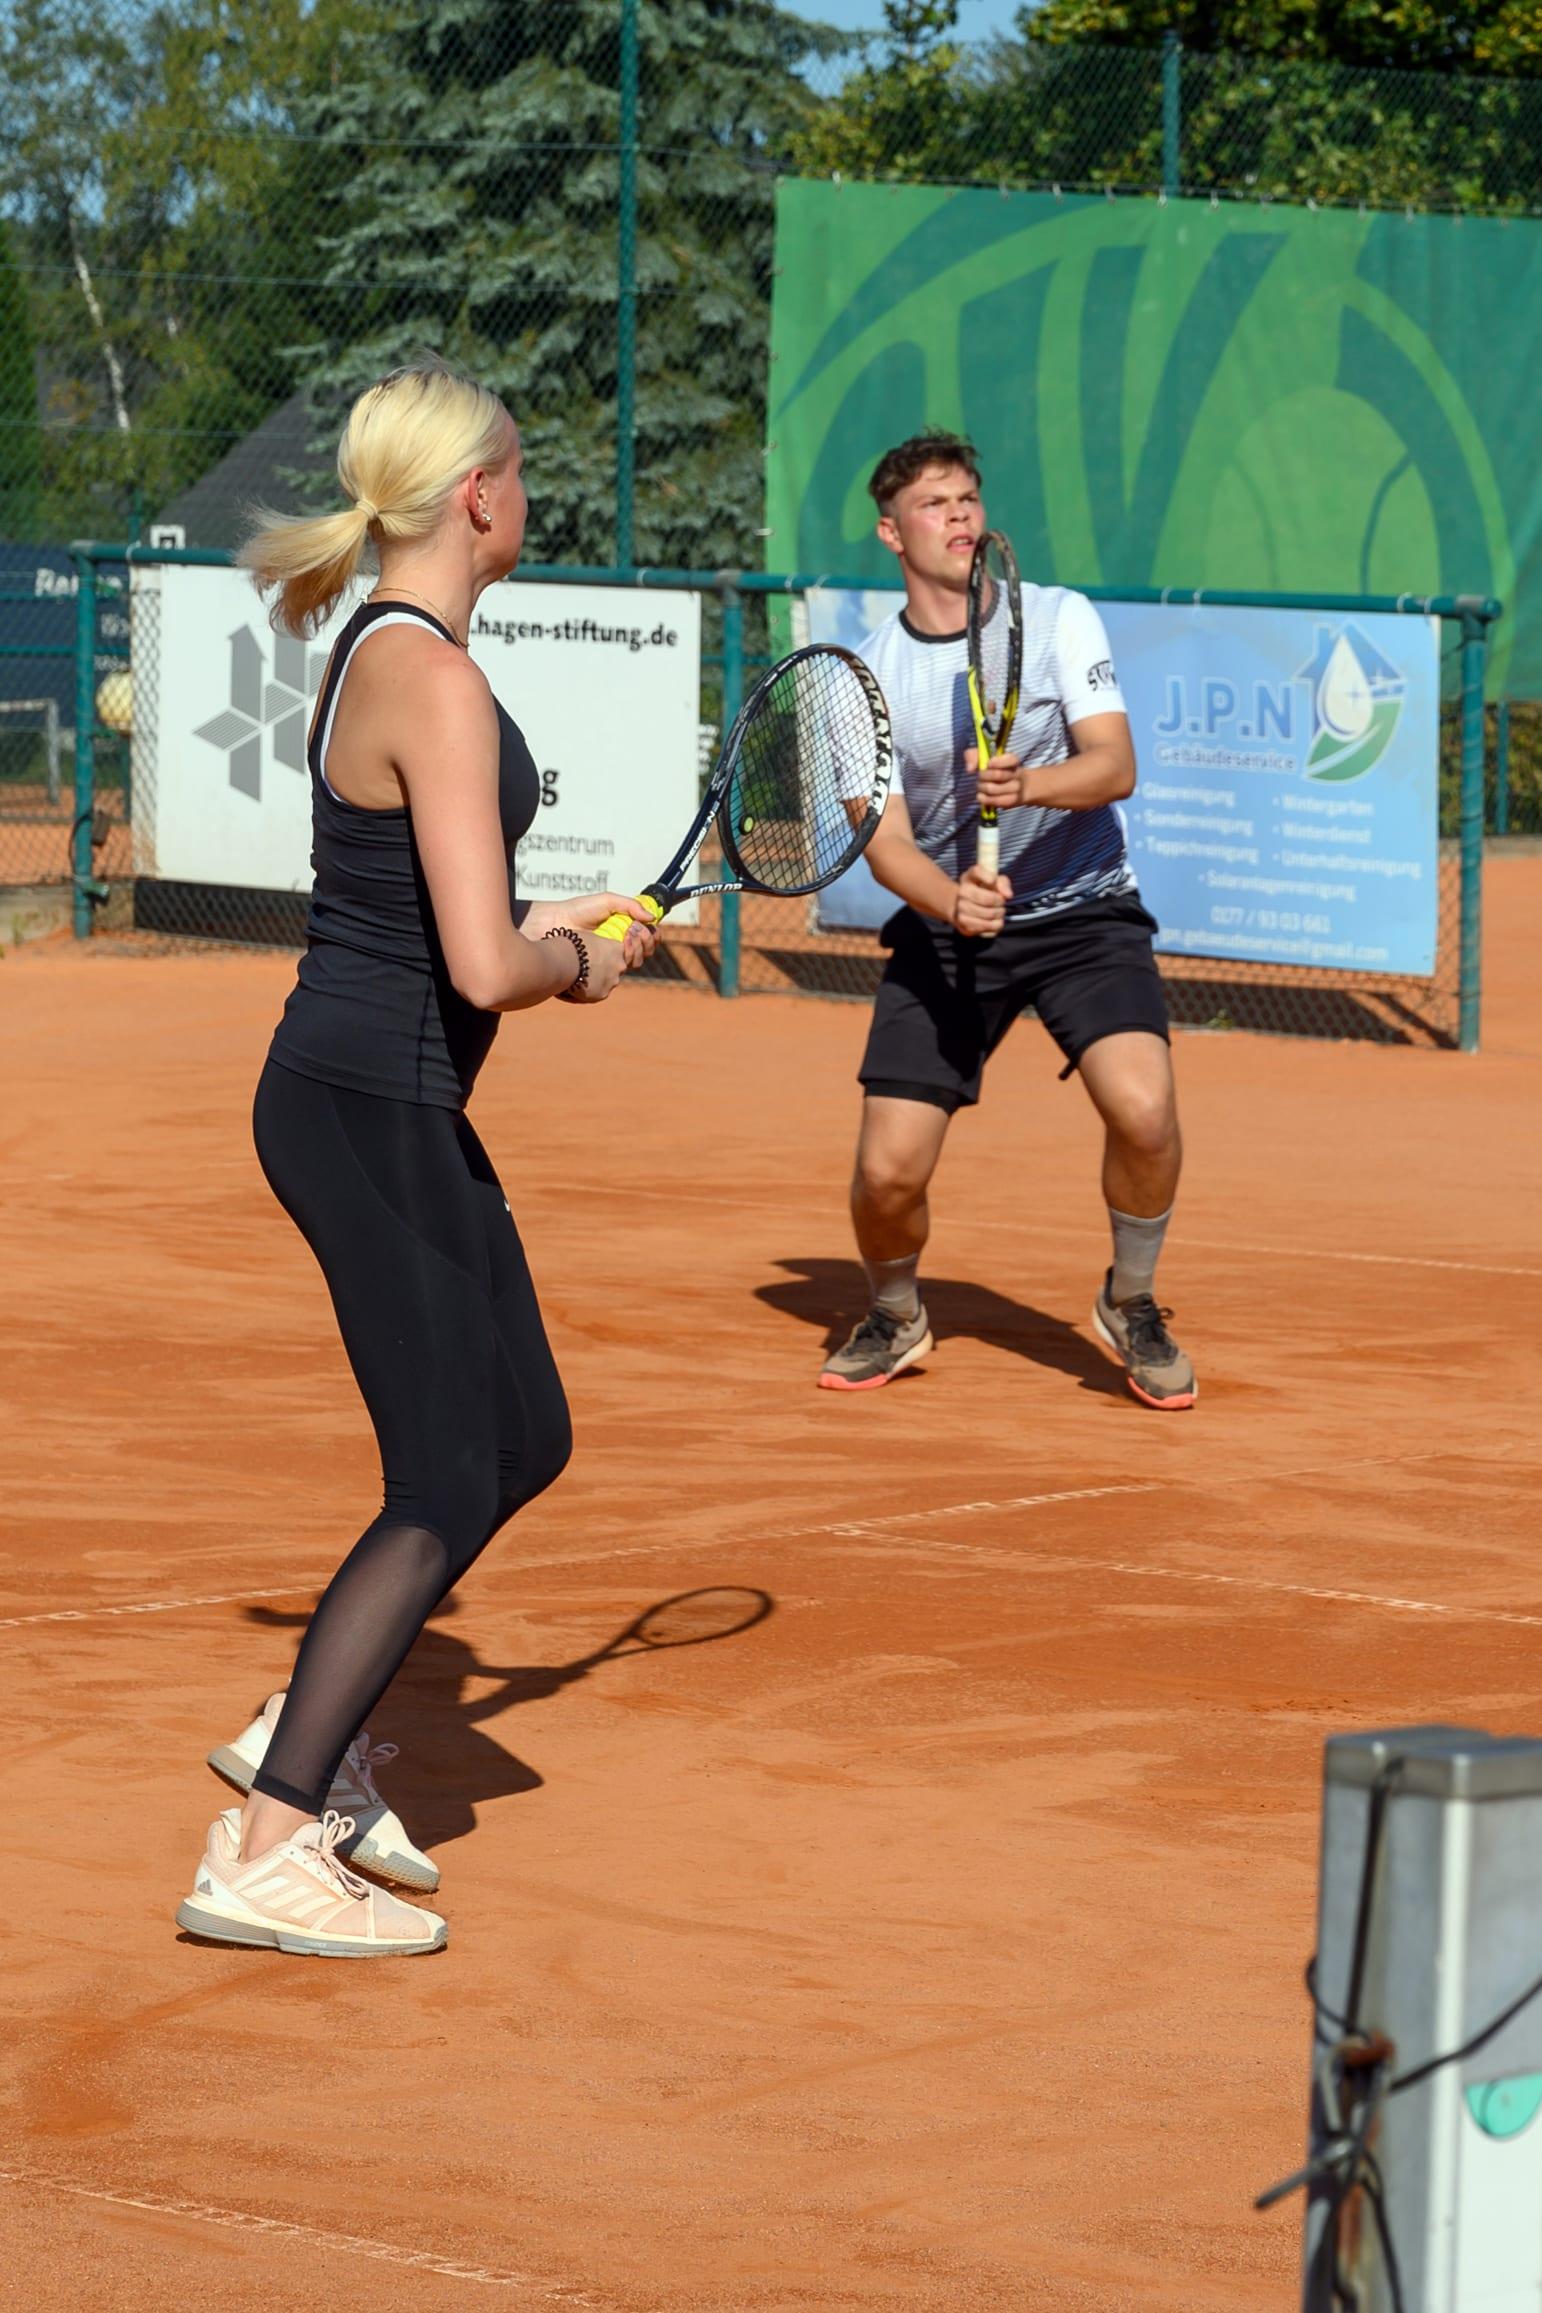 Selina Fuchs & Phillip Dahmann